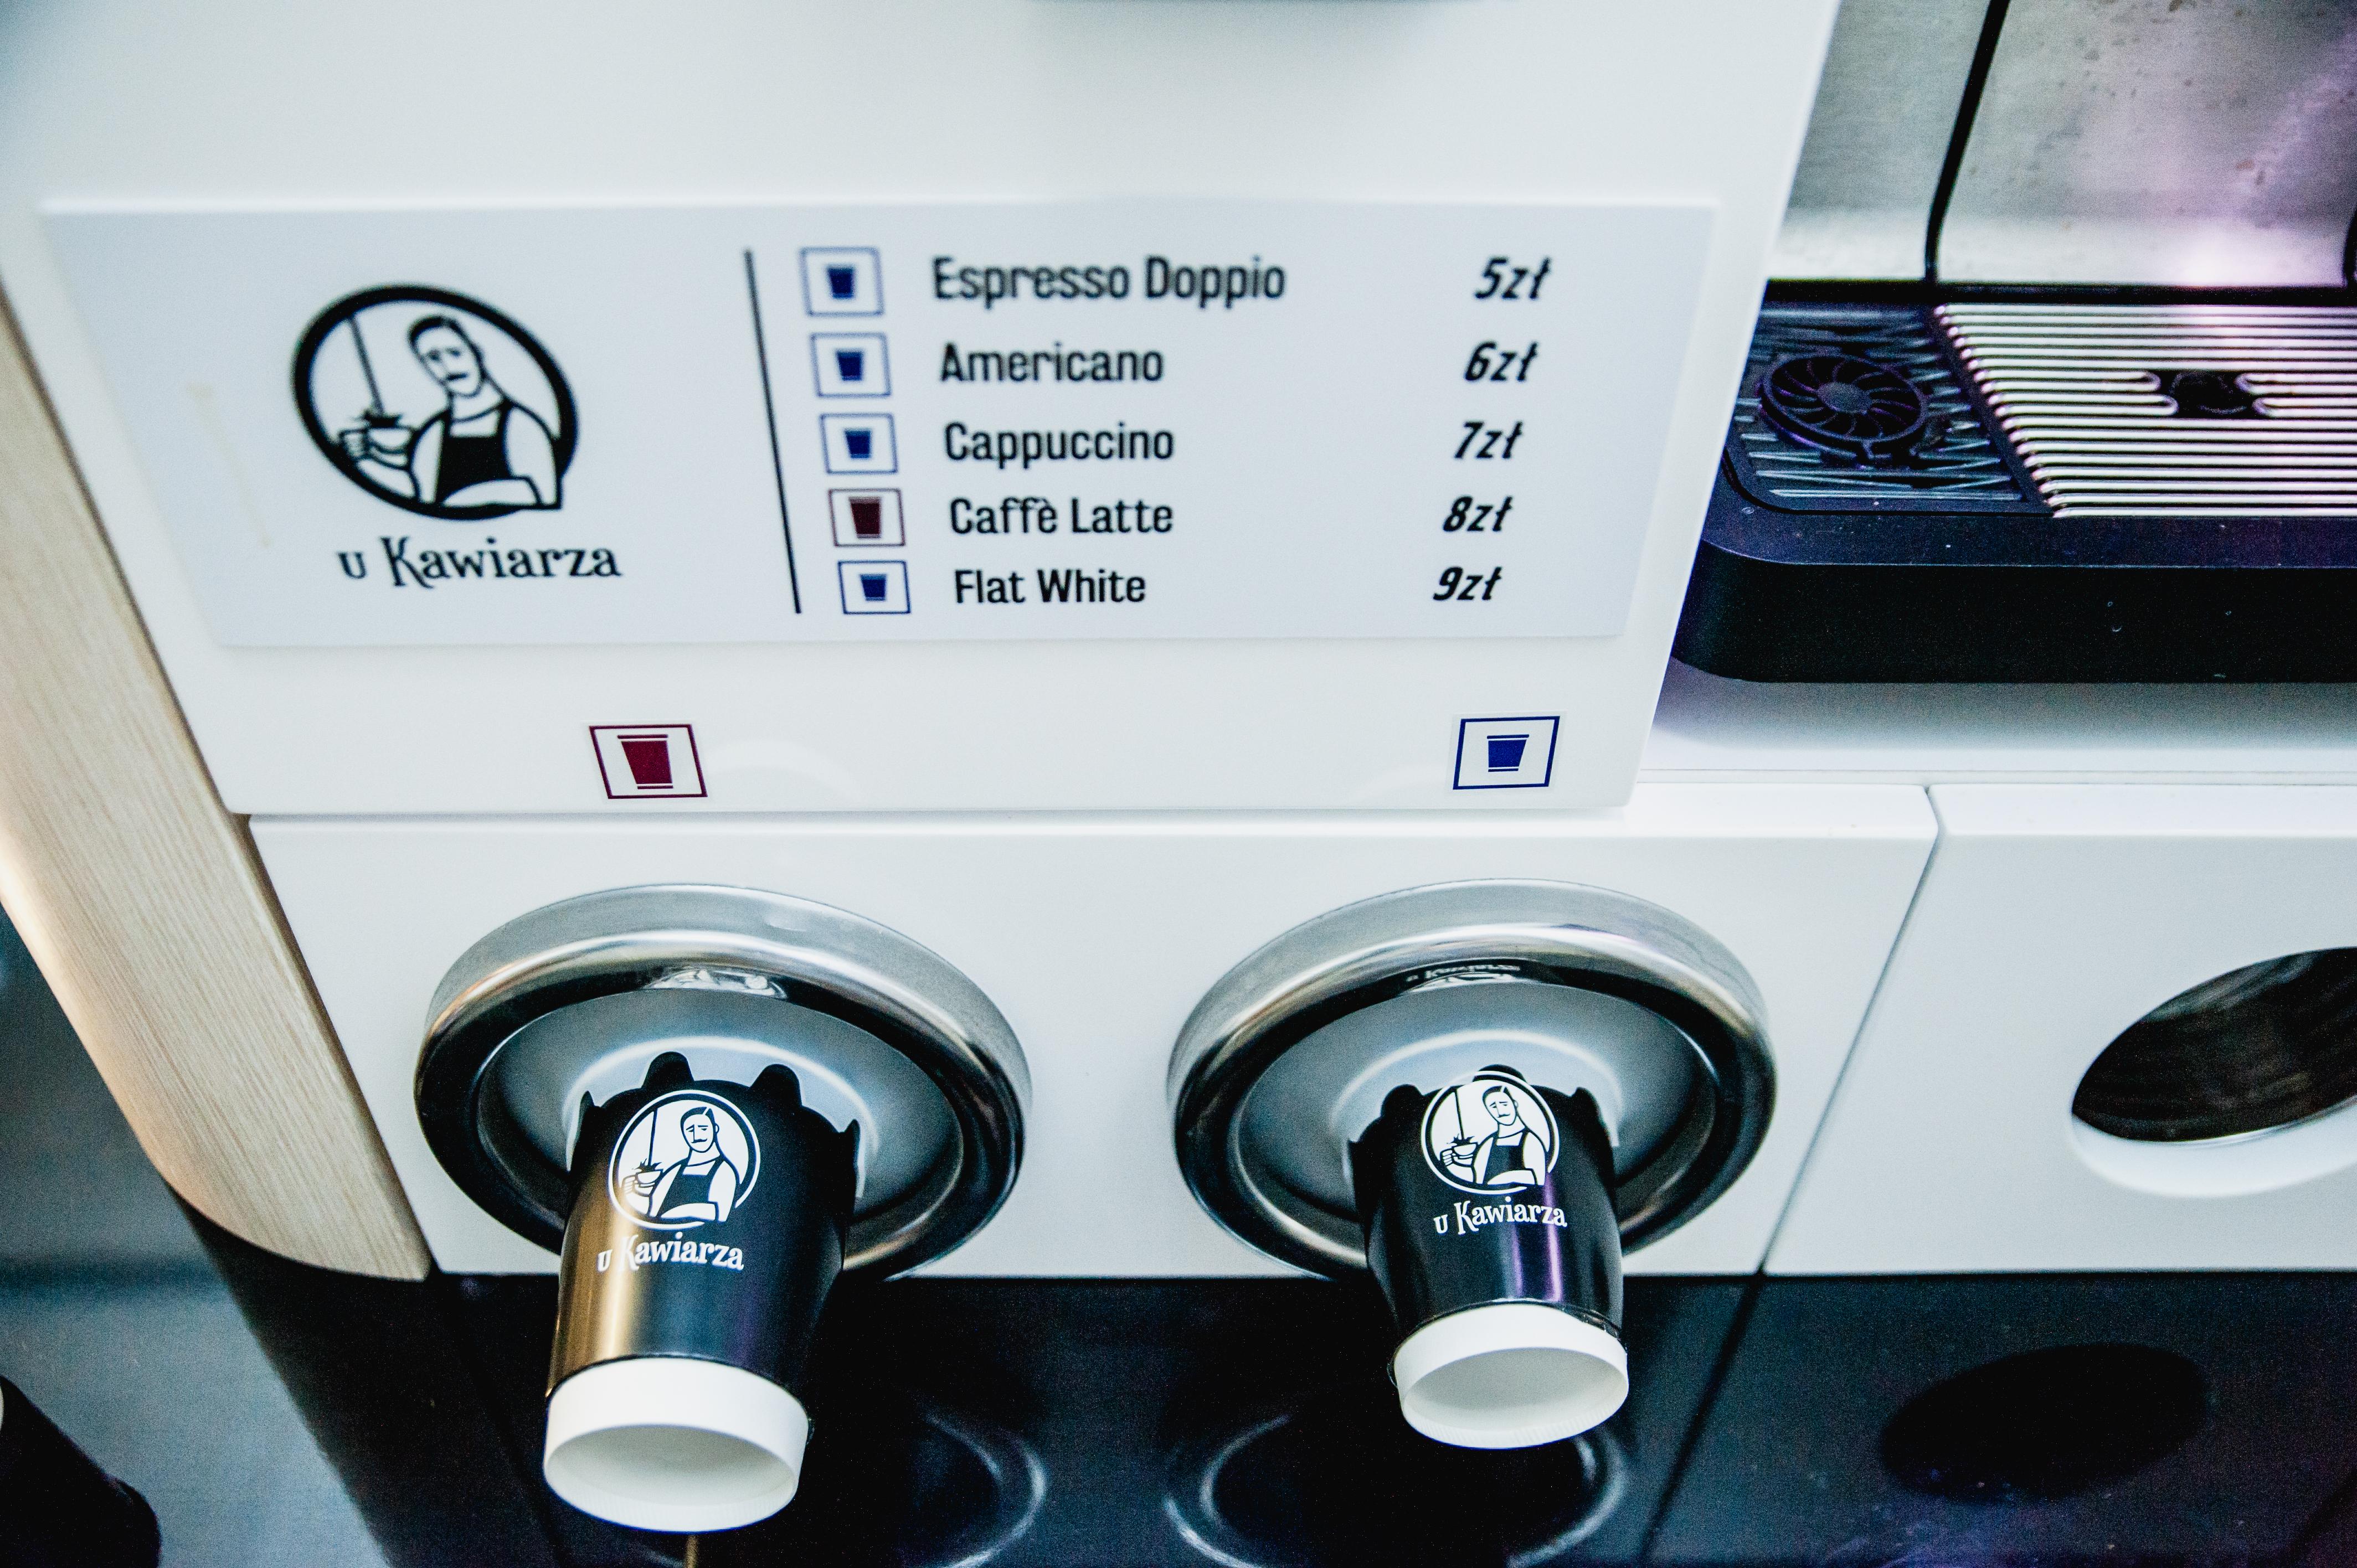 Machina kawiarza, kawy do wyboru: espresso dopio, americano, cappuccino, caffe latte, flat white